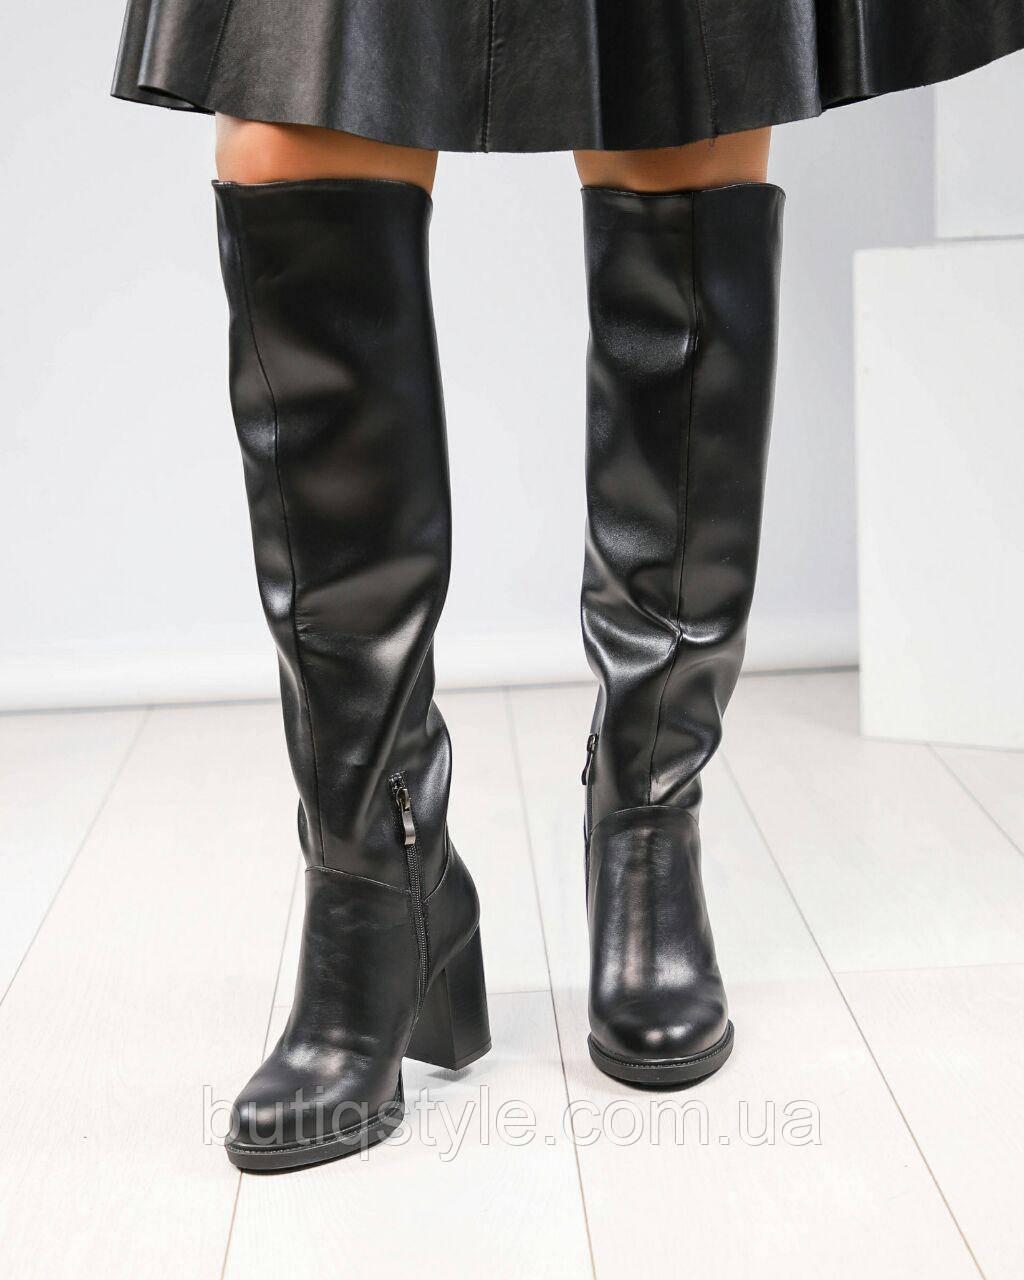 Женские черные сапоги на каблуке натуральная кожа деми